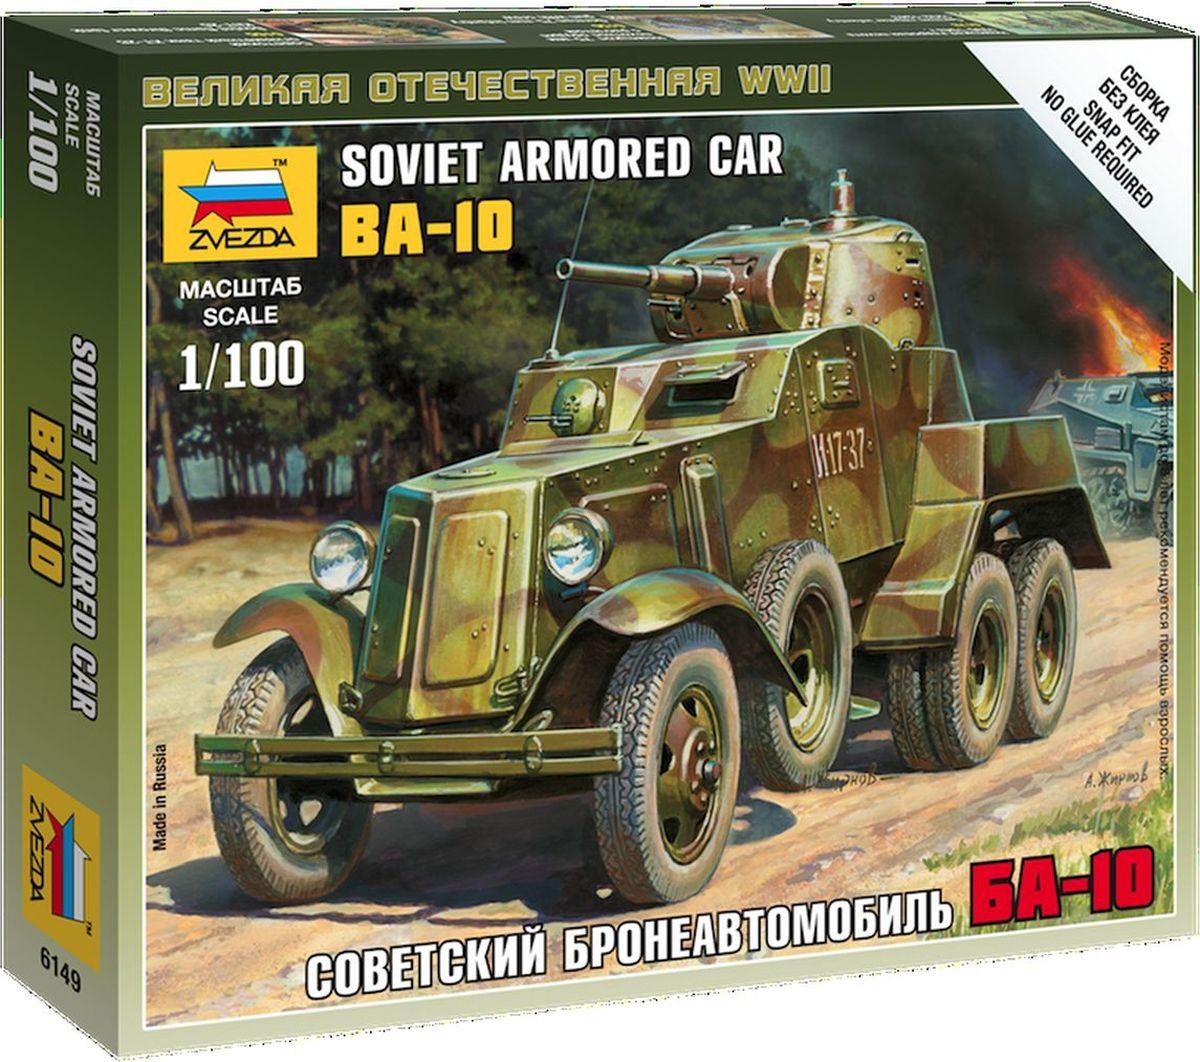 Звезда Сборная модель Советский бронеавтомобиль БА-10 крошин г с ба а альшим приветом письма со свободы